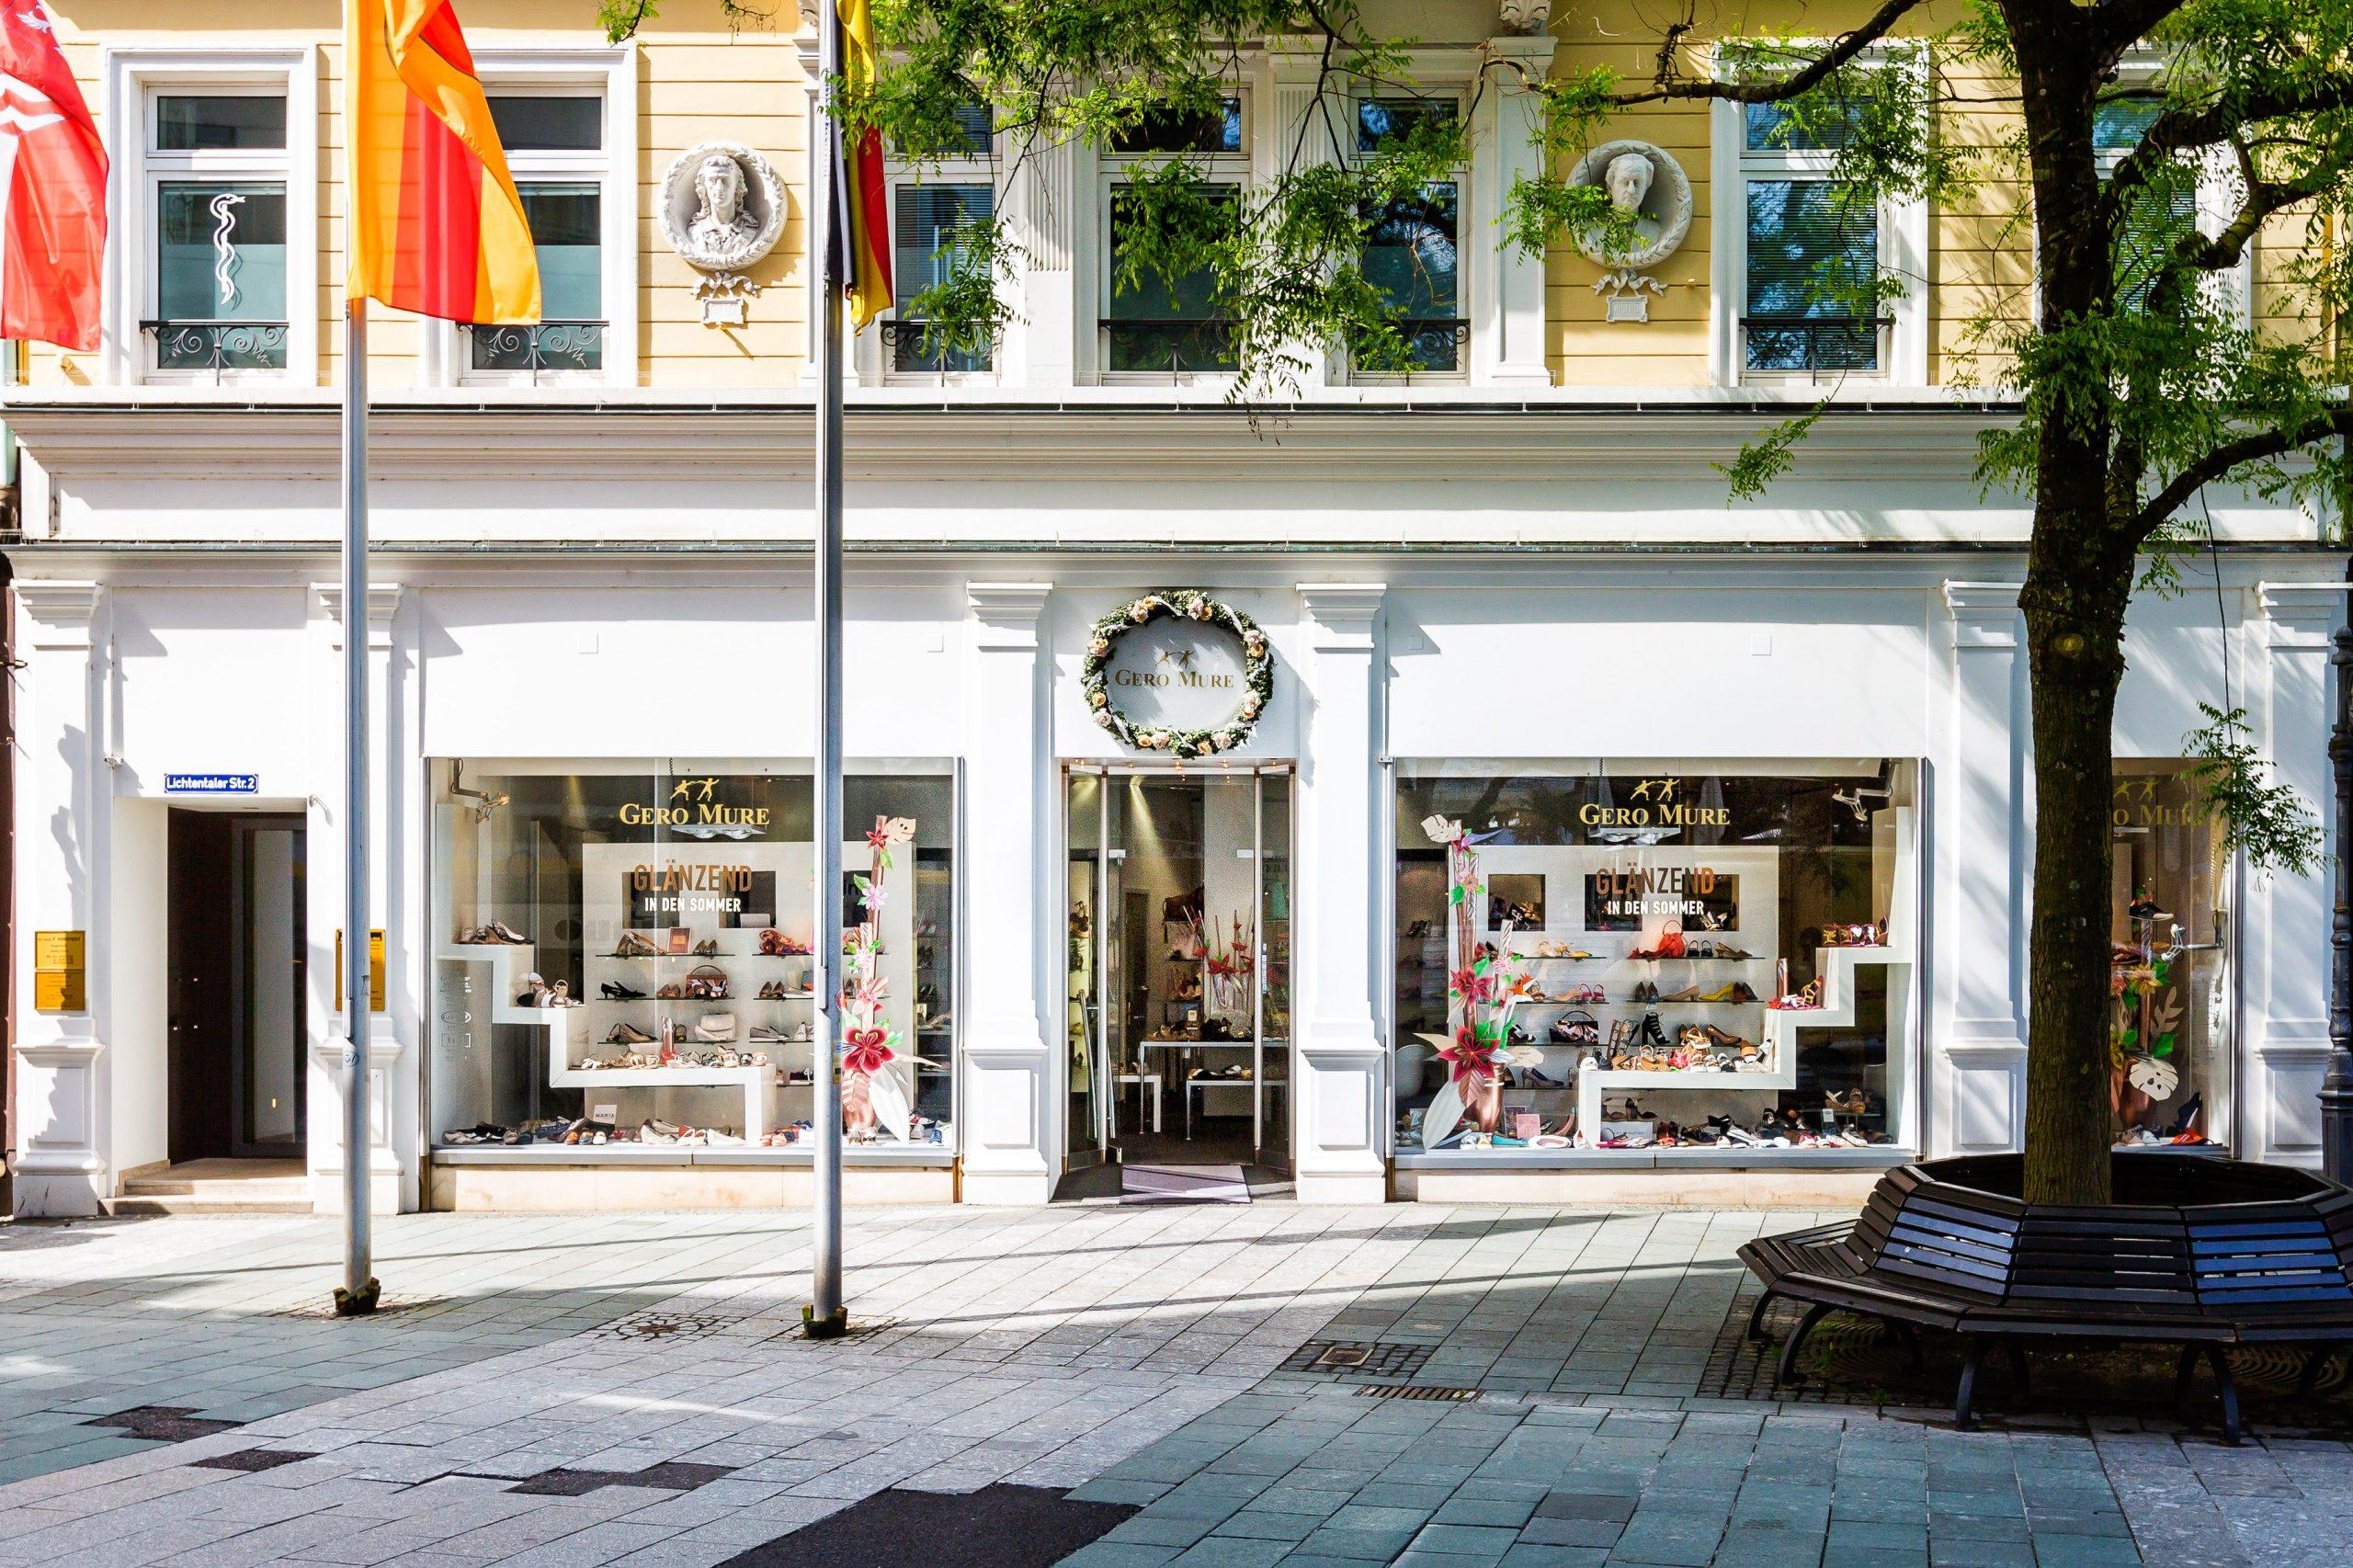 GERO MURE in der Lichtentaler Straße 2. Wir wollen Ihnen nah sein, deshalb ist eines unserer Schuhgeschäfte in Baden Baden. Wunderschöne Auswahl an tollen Schuhen.